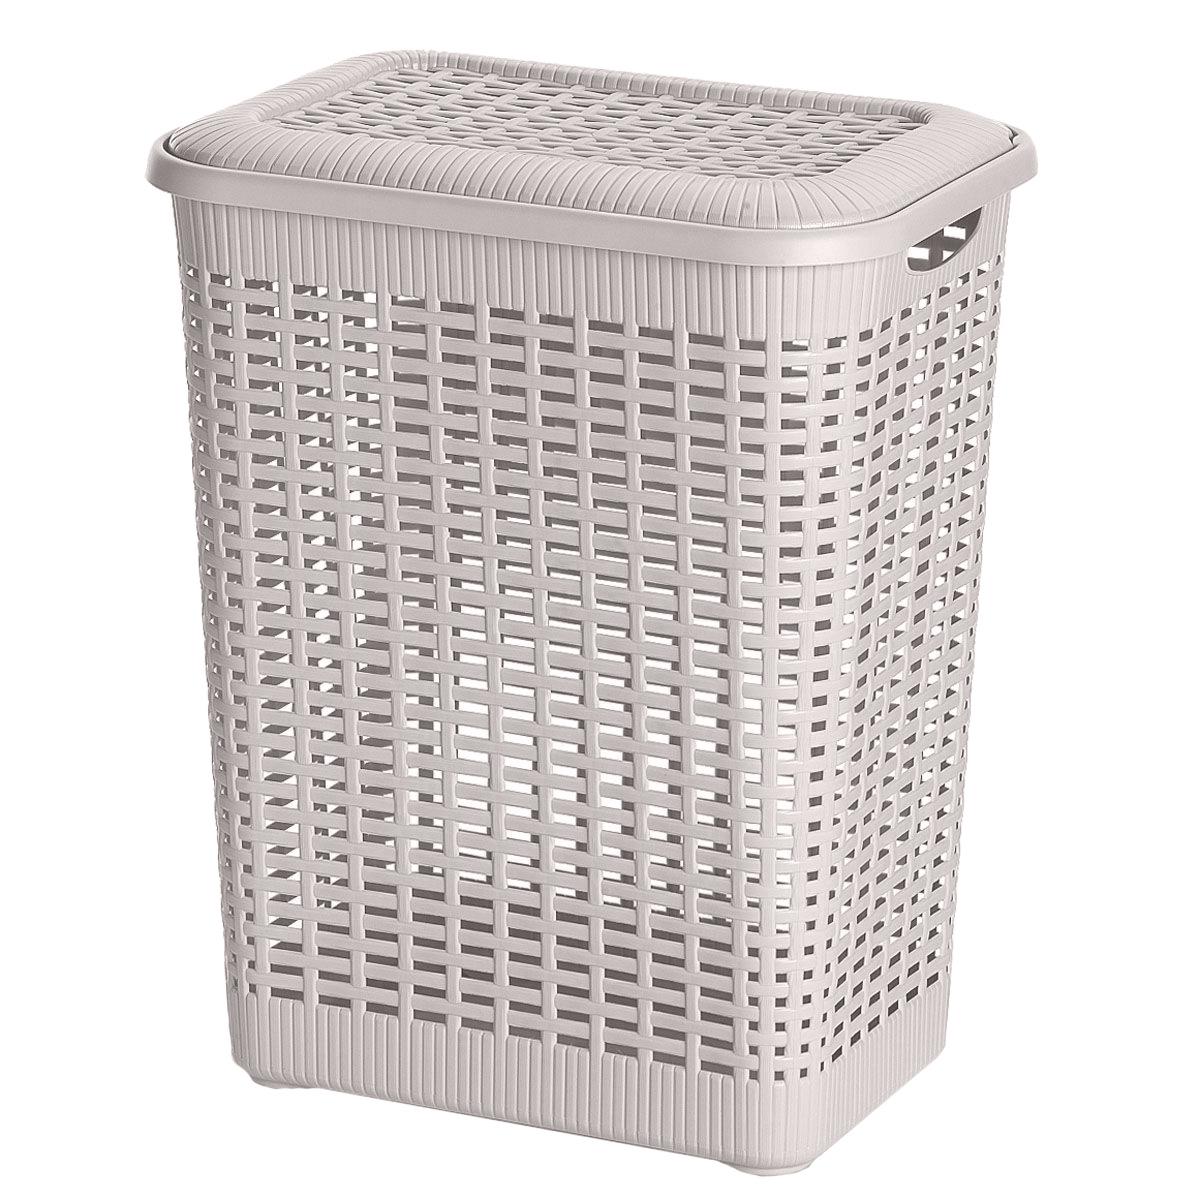 Корзина хозяйственная Gensini Rattan, цвет: молочный, 50 л2158_молочныйПрямоугольная корзина Gensini Rattan изготовлена из прочного пластика. Она предназначена для хранения мелочей в ванной, на кухне, даче или гараже. Позволяет хранить мелкие вещи, исключая возможность их потери. Изделие оснащено съемной плотно закрывающейся крышкой. На стенках и крышке имеются отверстия в виде плетения. Дно сплошное. Сбоку имеются две ручки для удобной переноски.